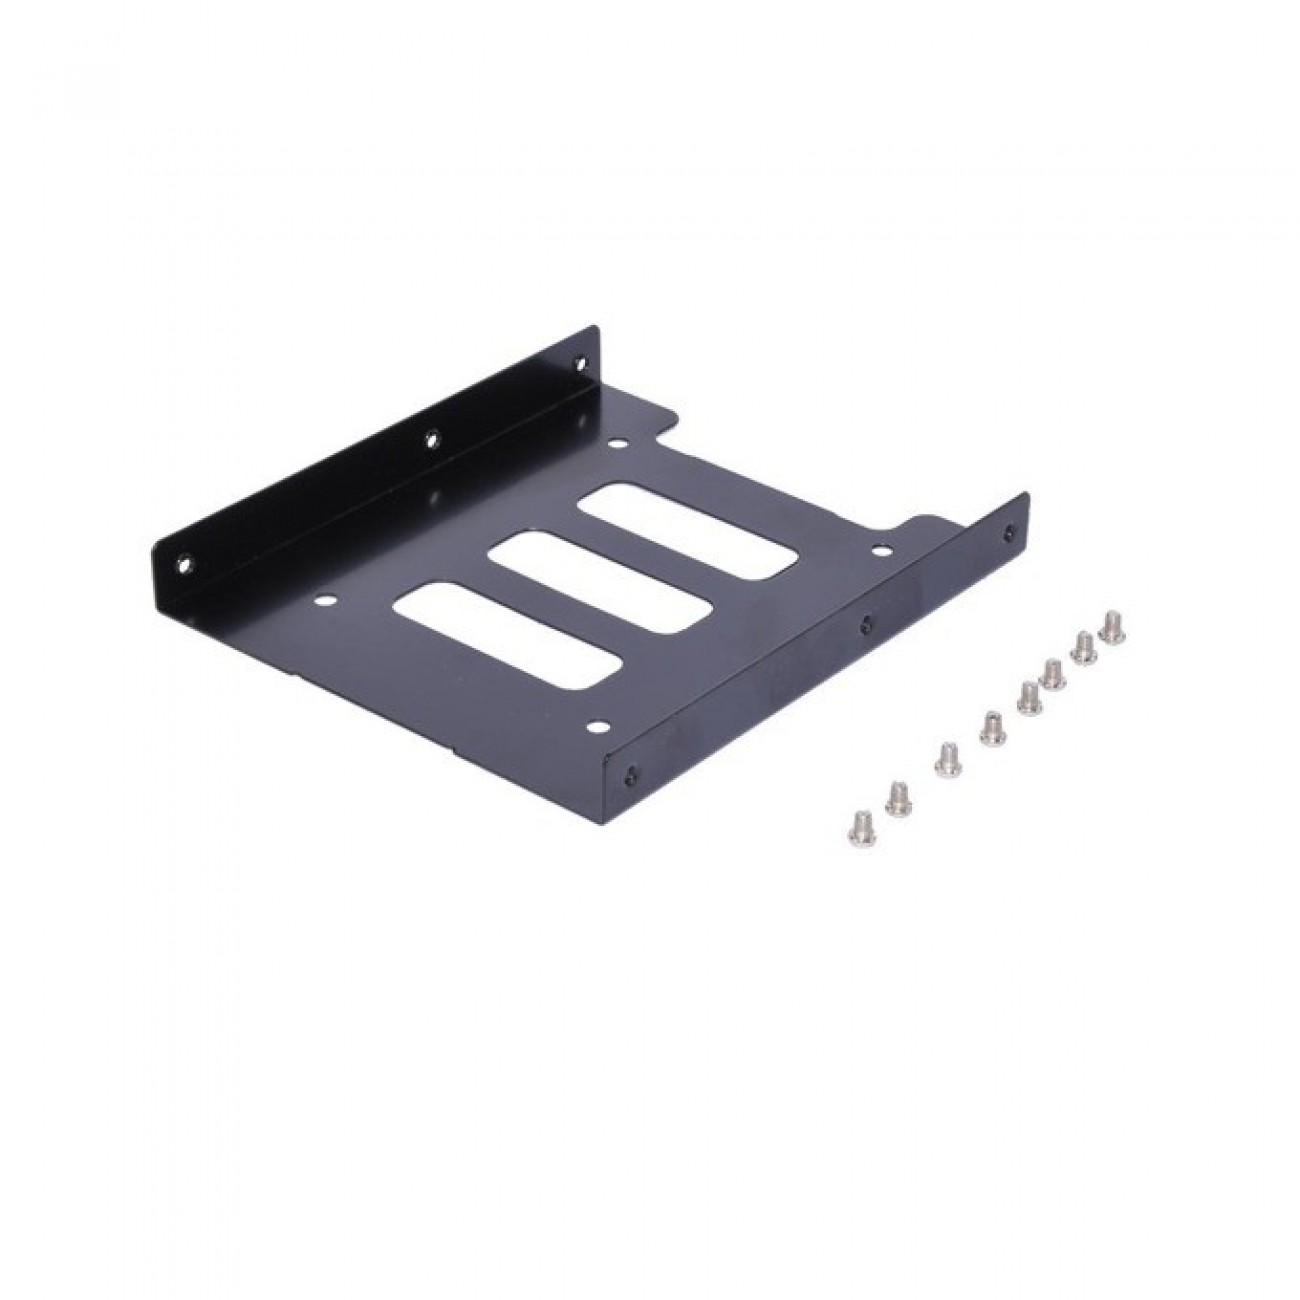 Преходник (mounting bracket) Makki MAKKI-HDB-250, от 2.5 HDD/SSD към 3.5 HDD/SSD, черен в Твърди дискове Аксесоари -    Alleop